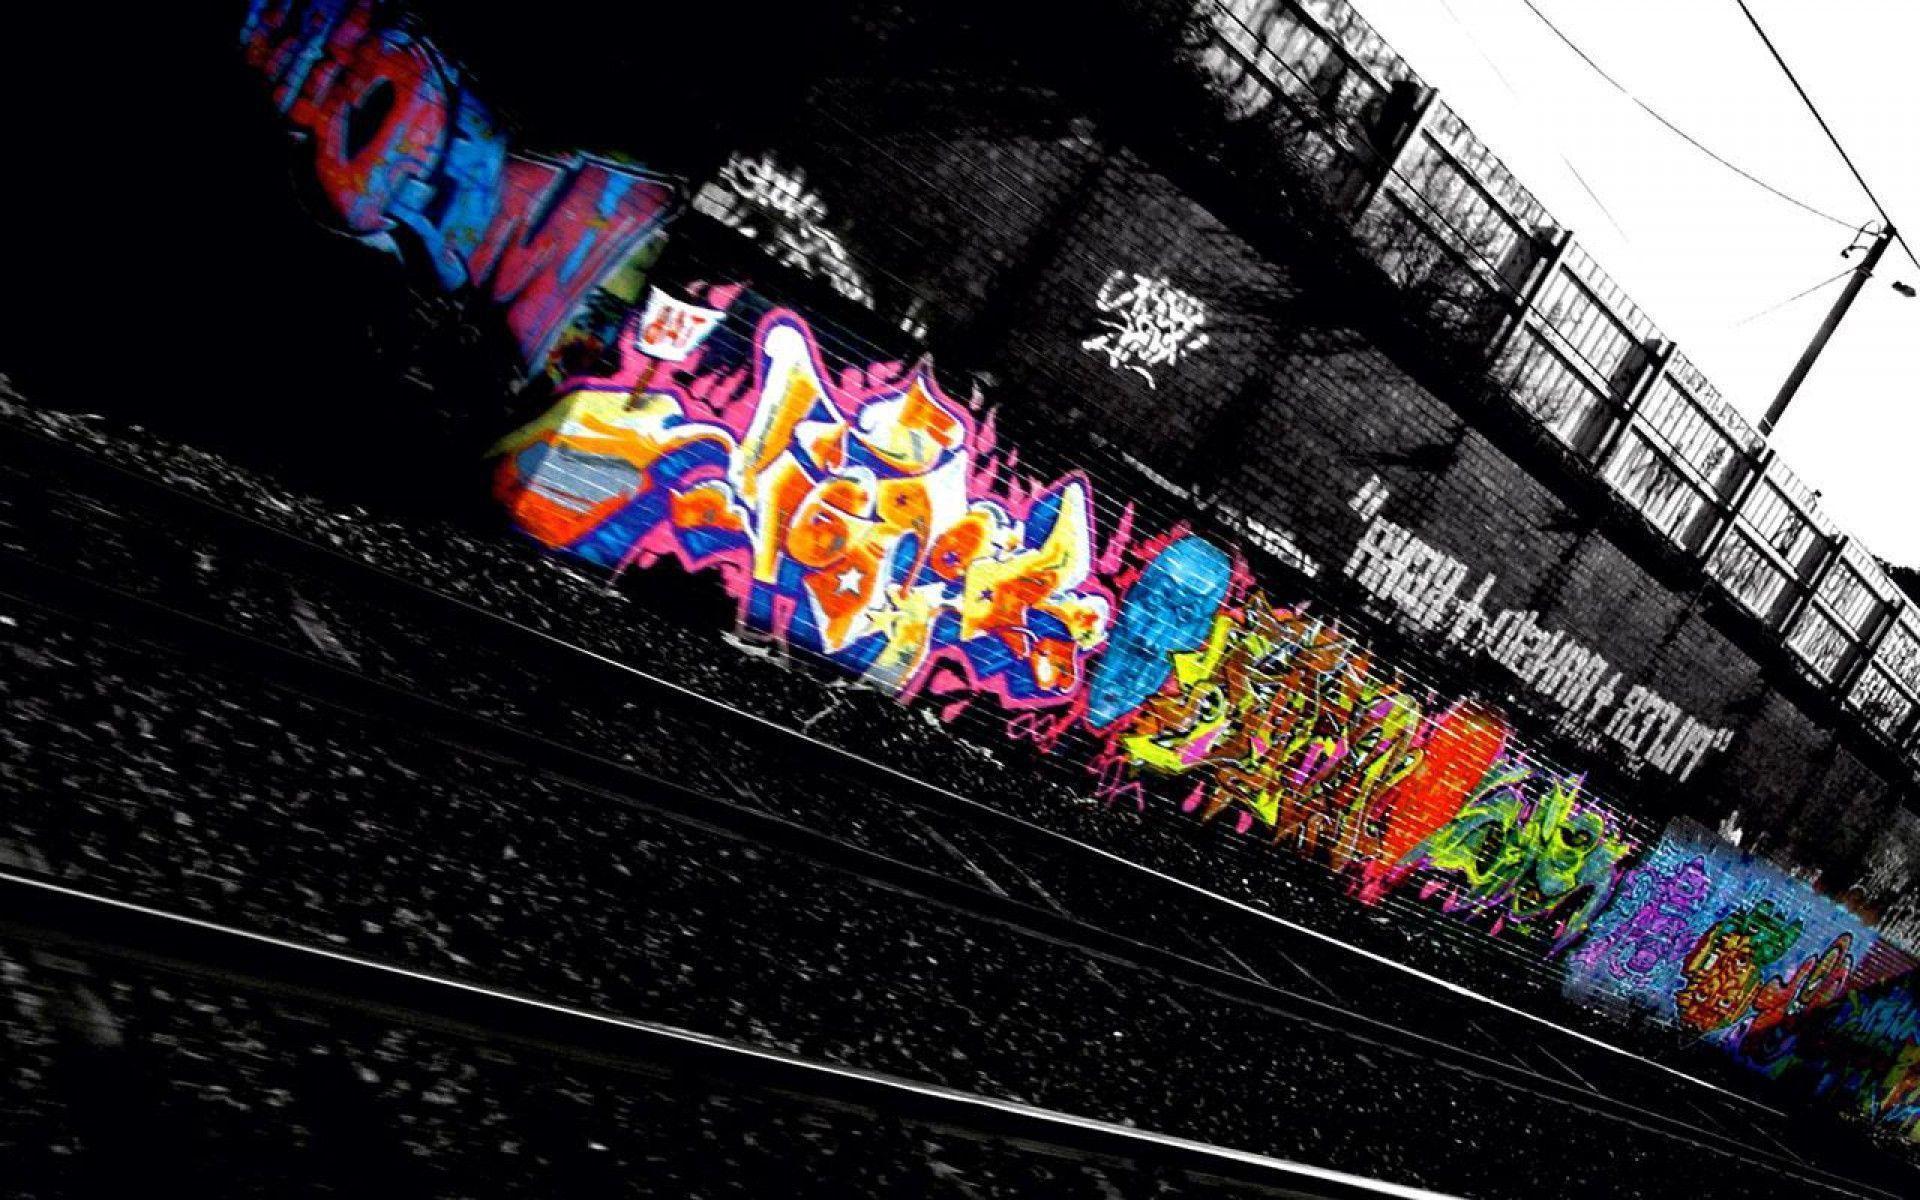 street bmx wallpaper - photo #30